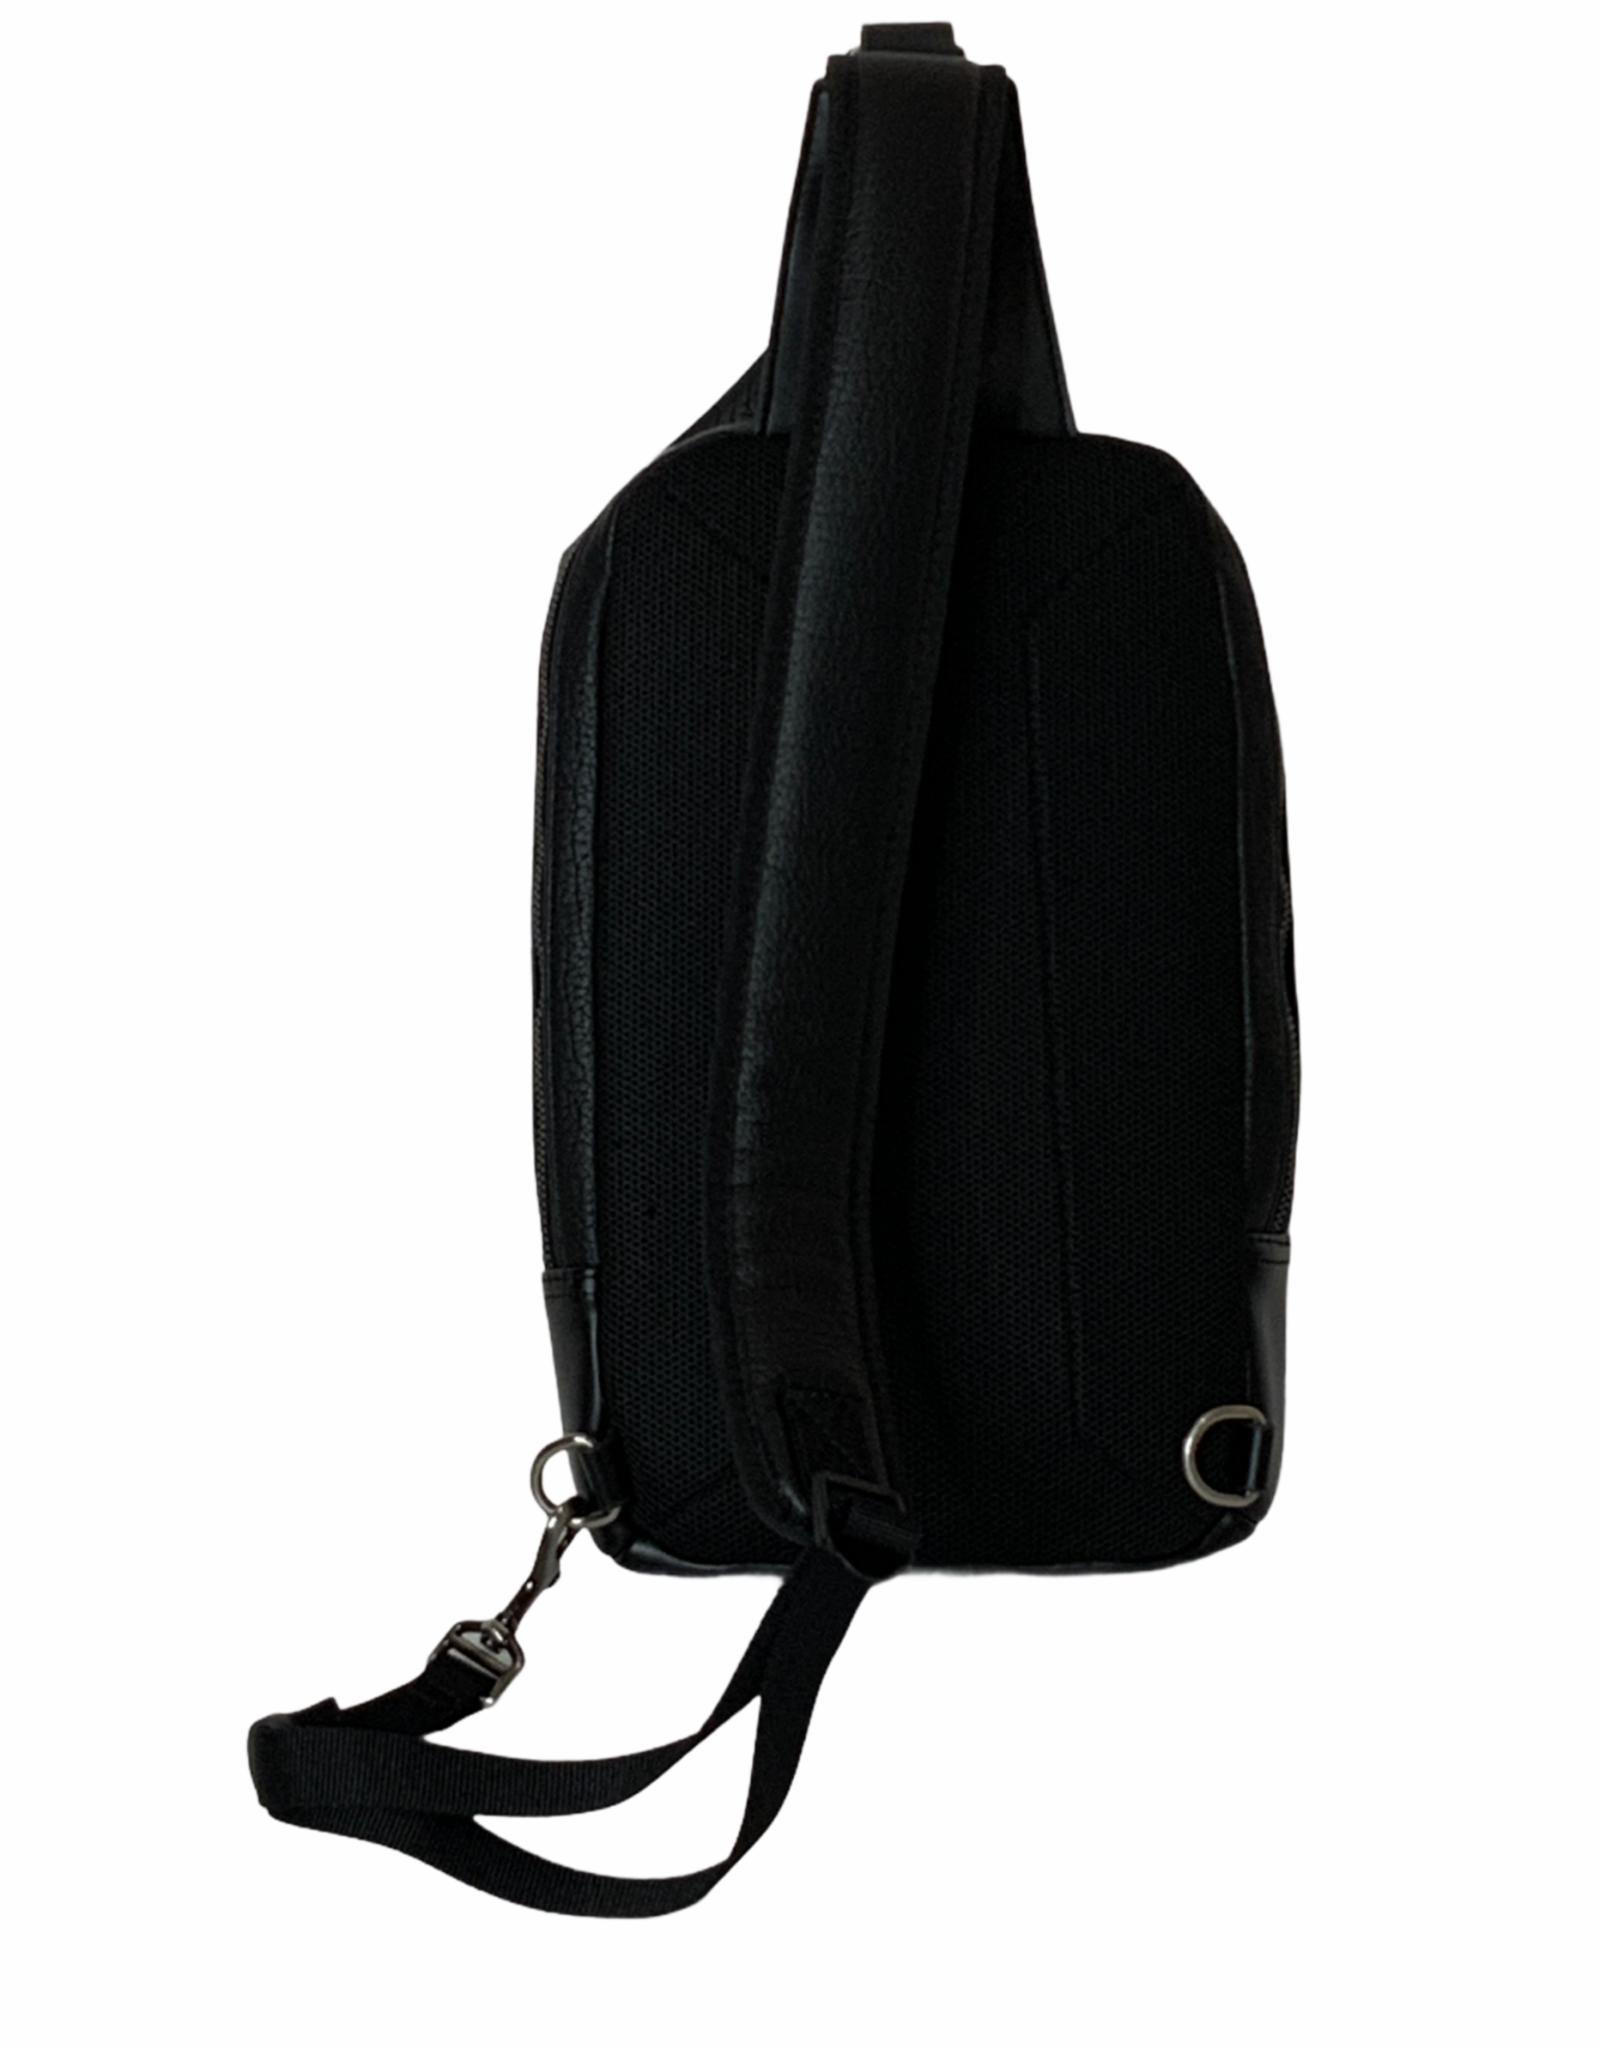 Calvin Klein Calvin Klein Bartley Pebble Texture Backpack / Sling Bag